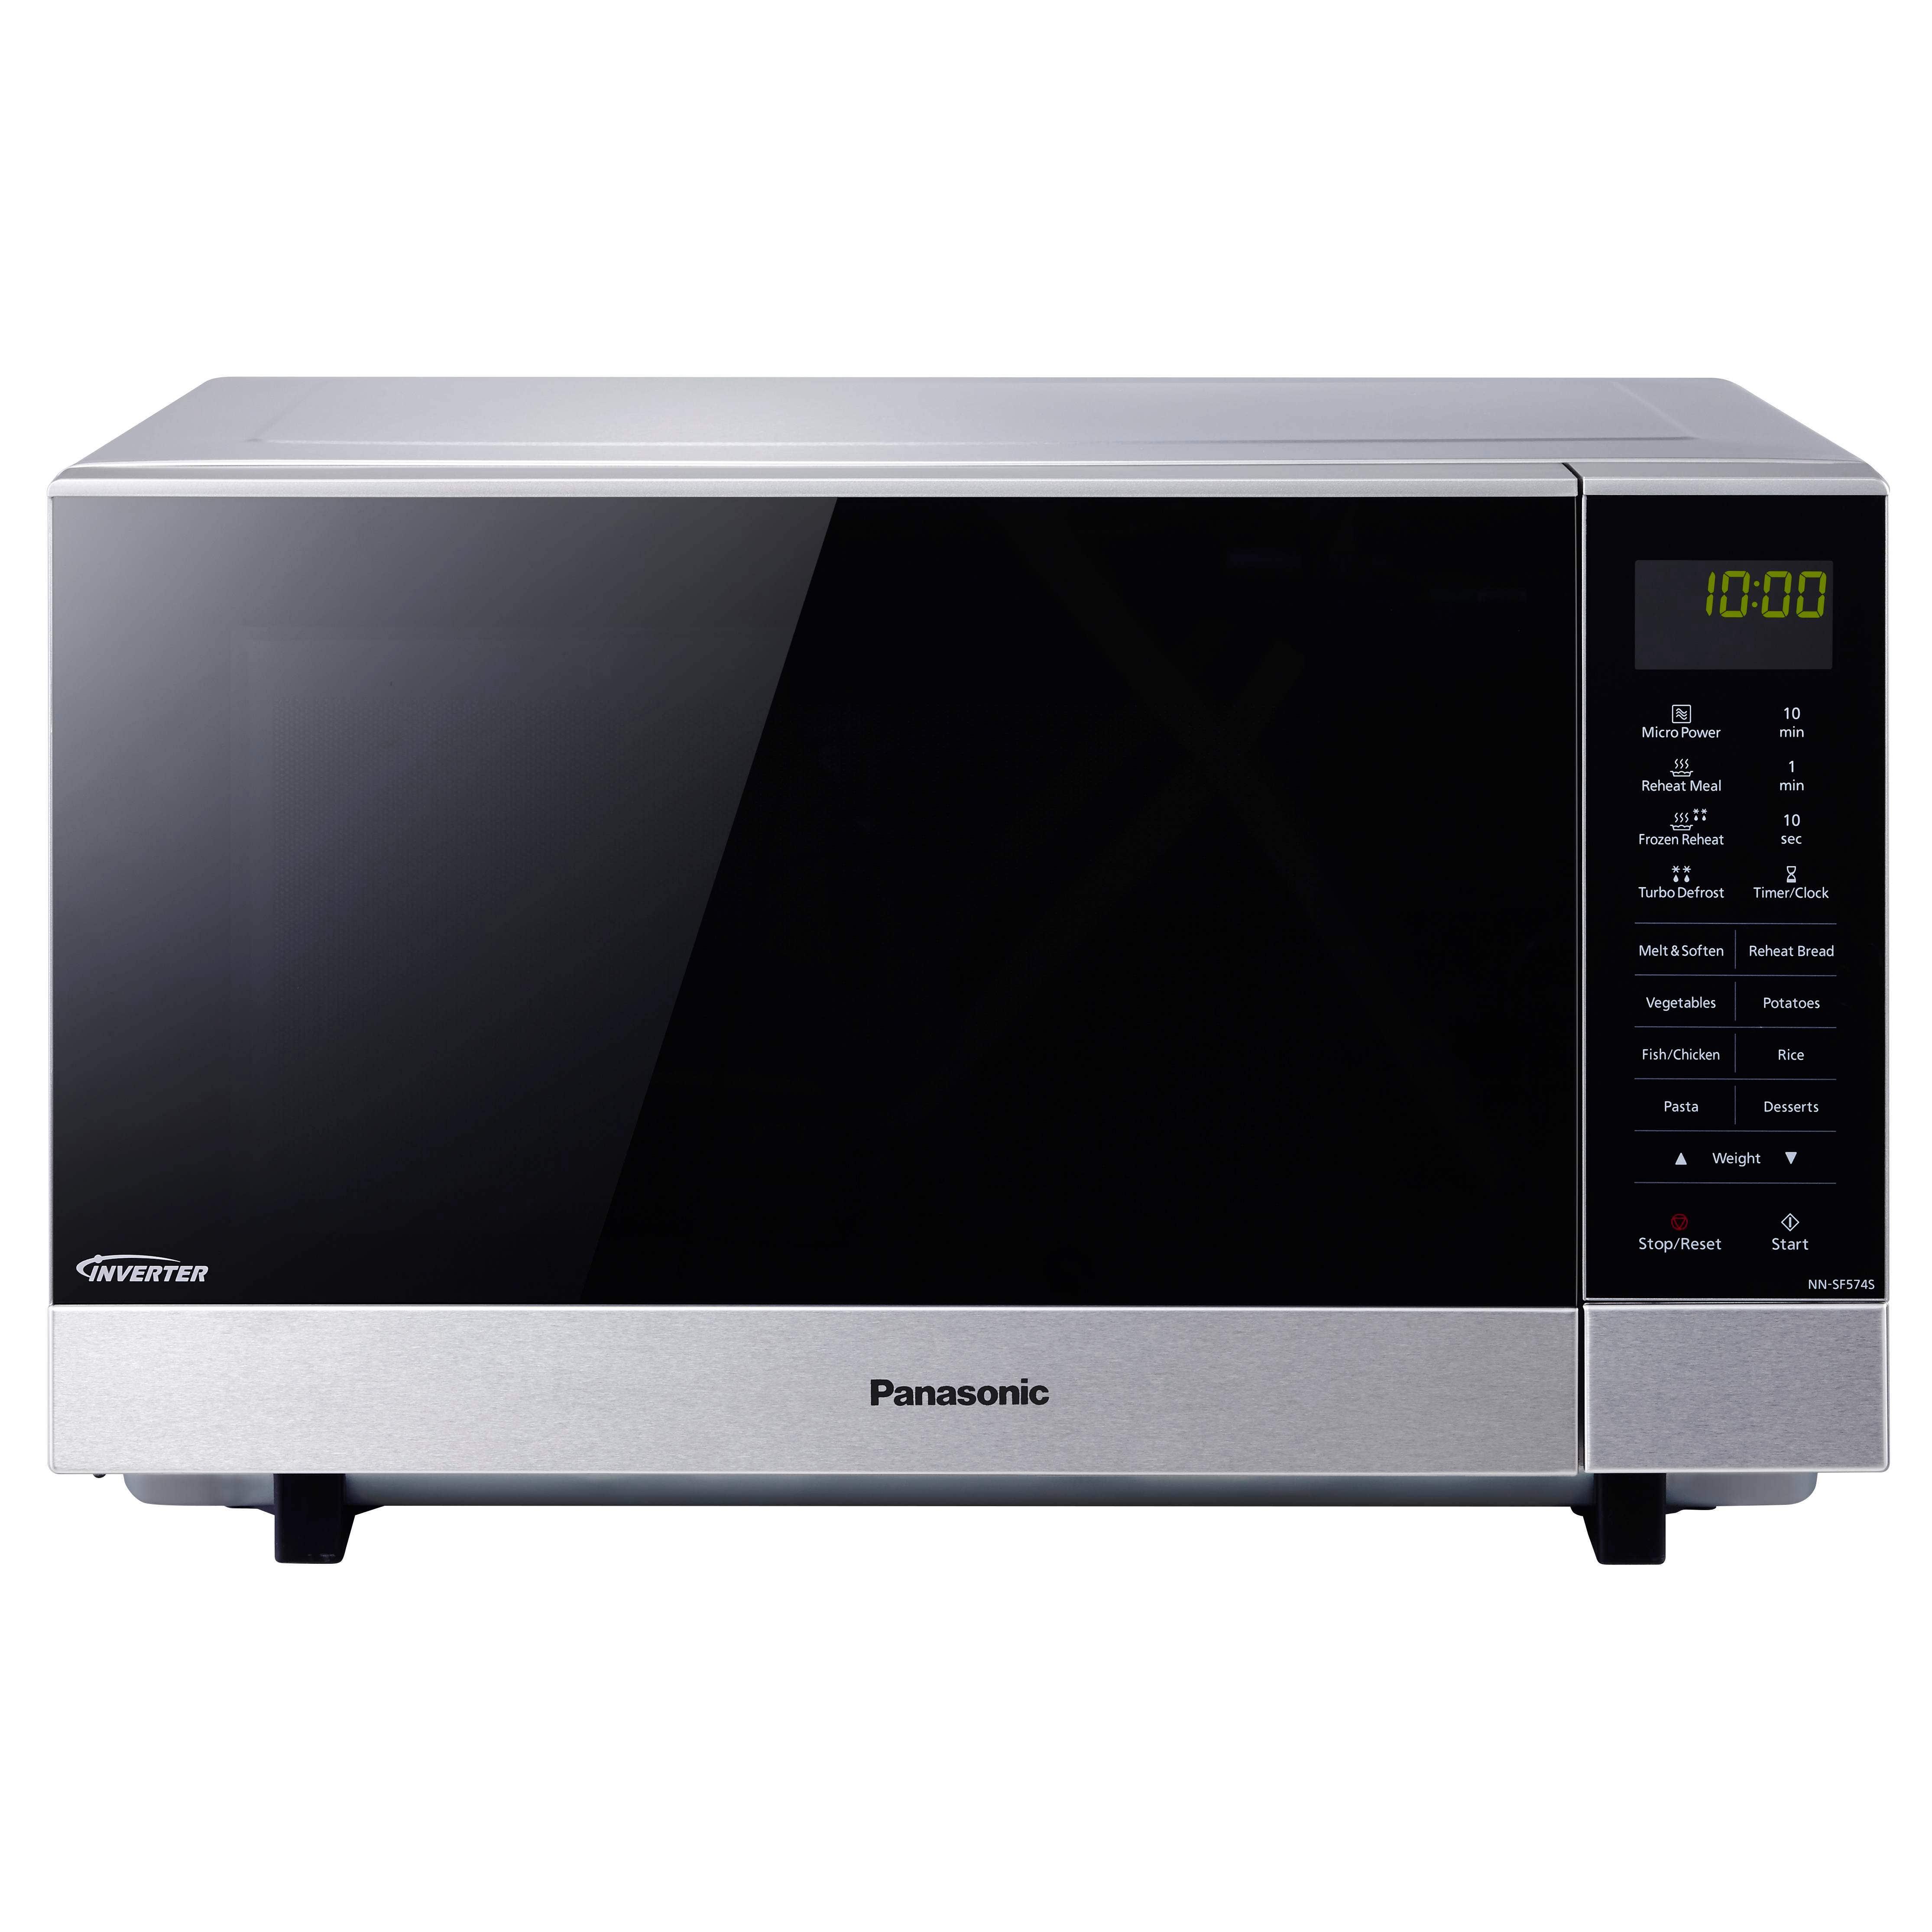 Panasonic Microwave Oven Inverter 27 Litre Ebay